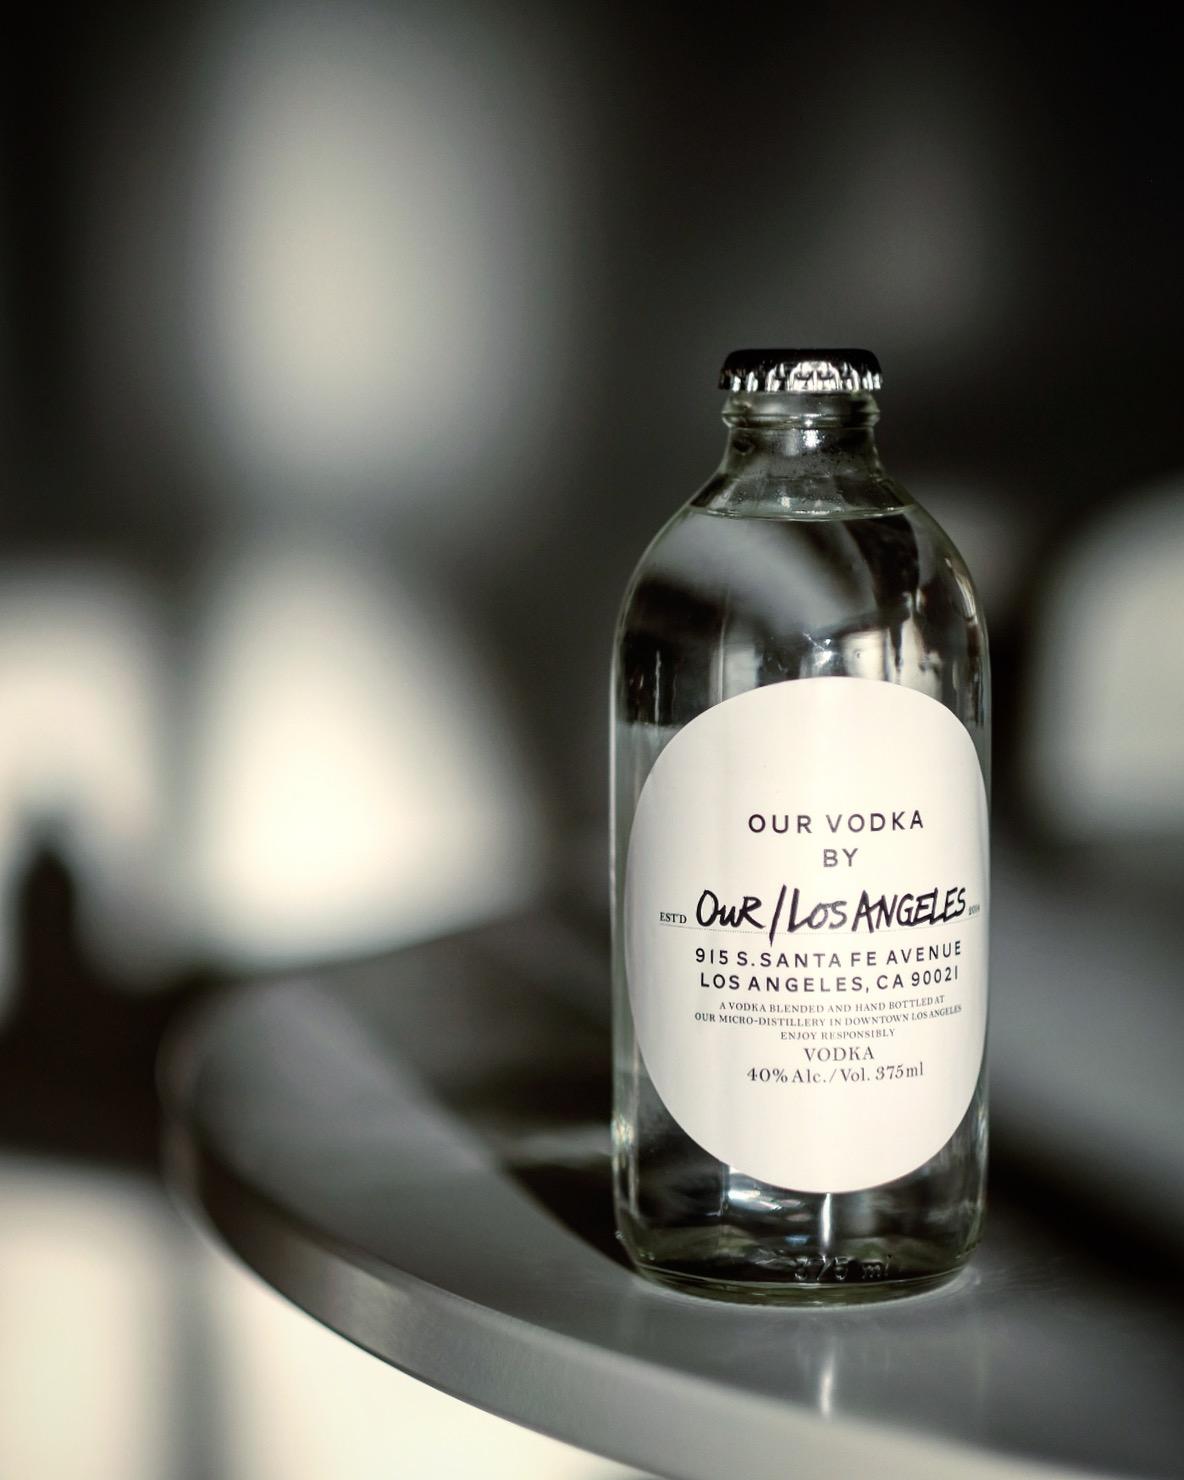 Our/Los Angeles Vodka by Timothy Kuratek